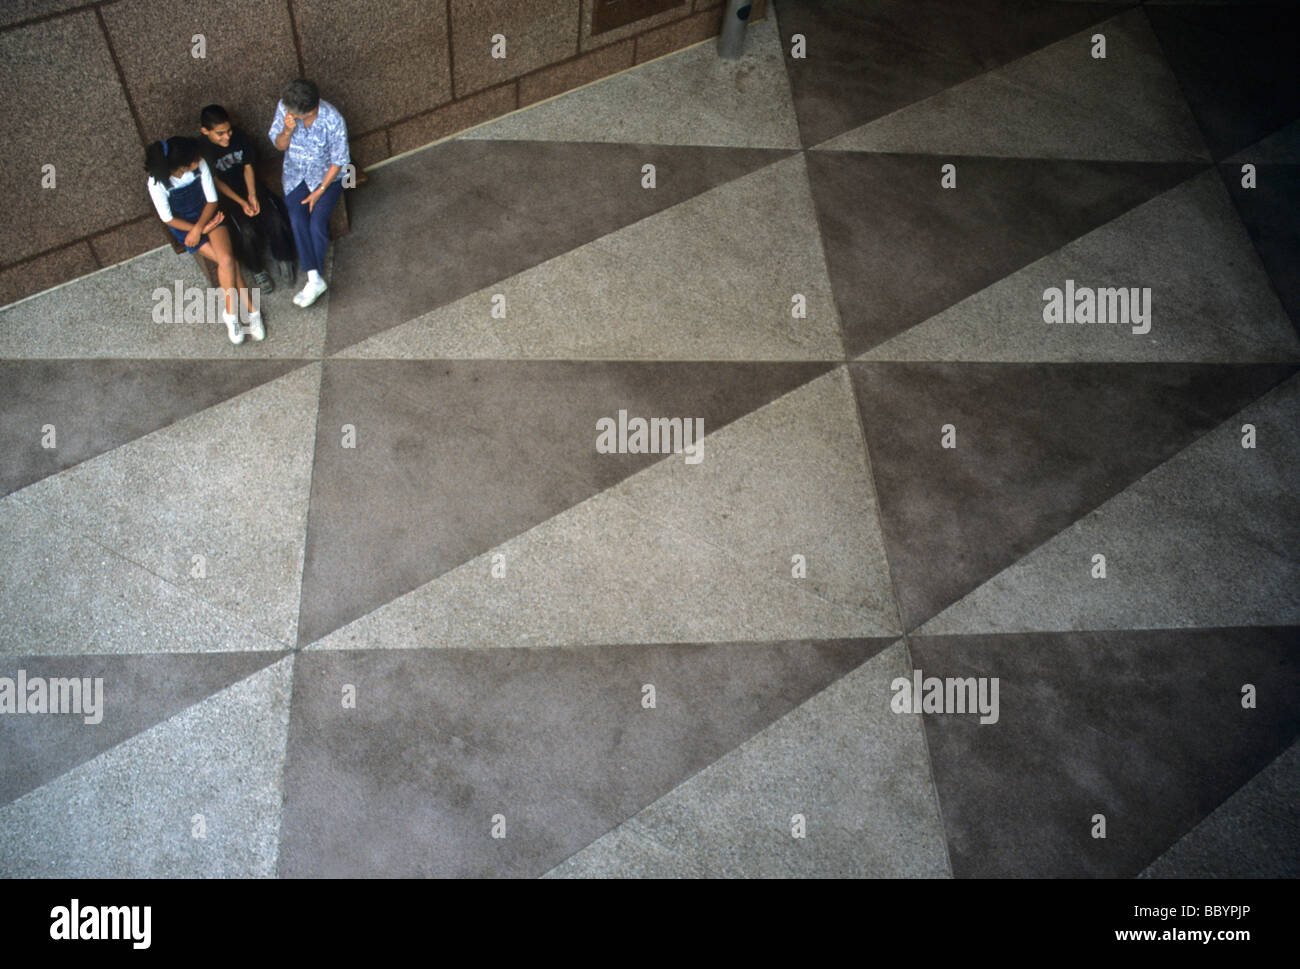 Dreieck Mathe Geometrie Boden Terrazo Fliese Muster Form Menschen ...